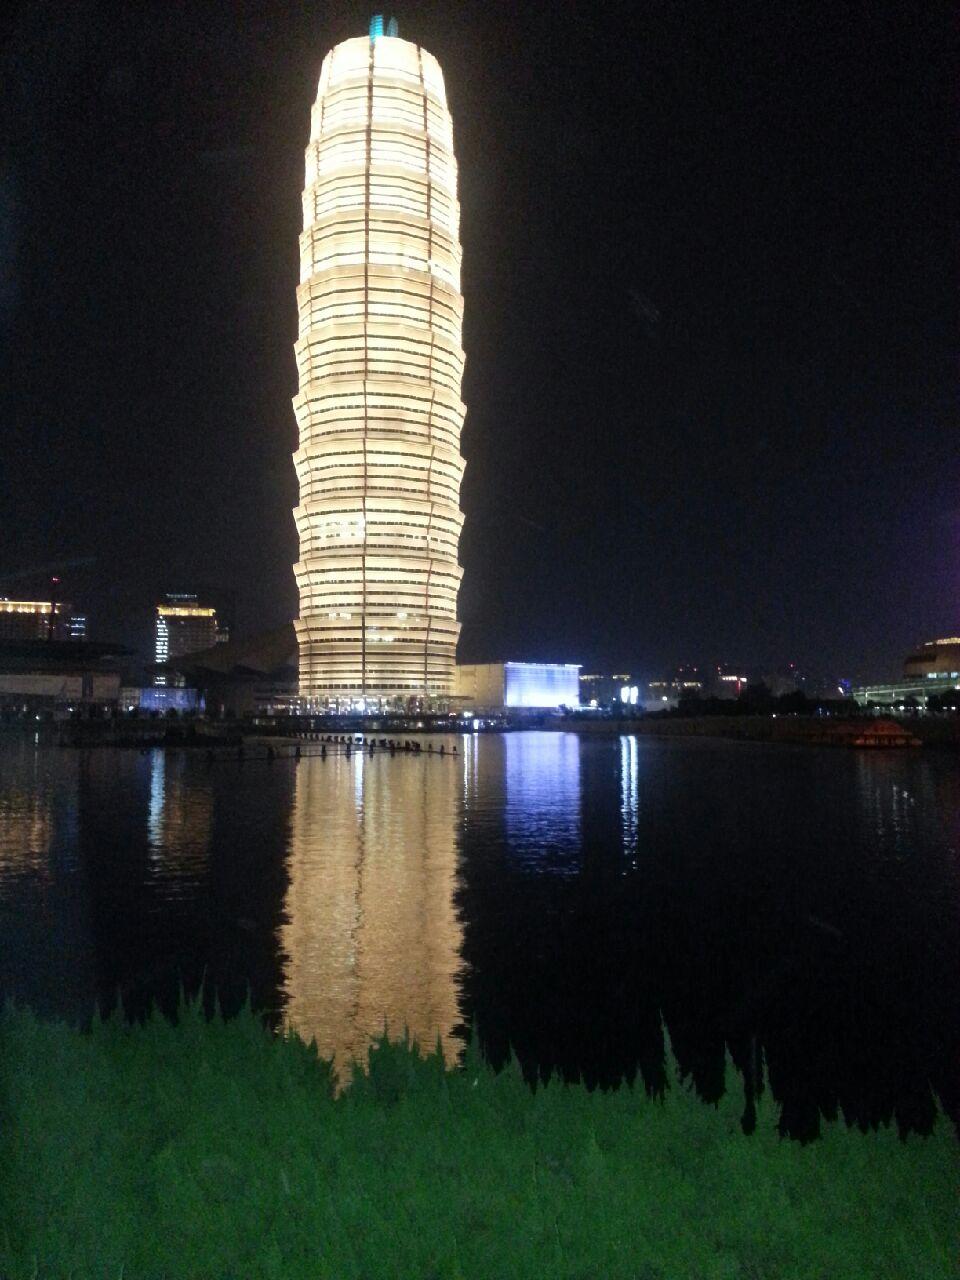 CBD인공호수 야경을 더욱 돋보이게 하는 타워식 건물